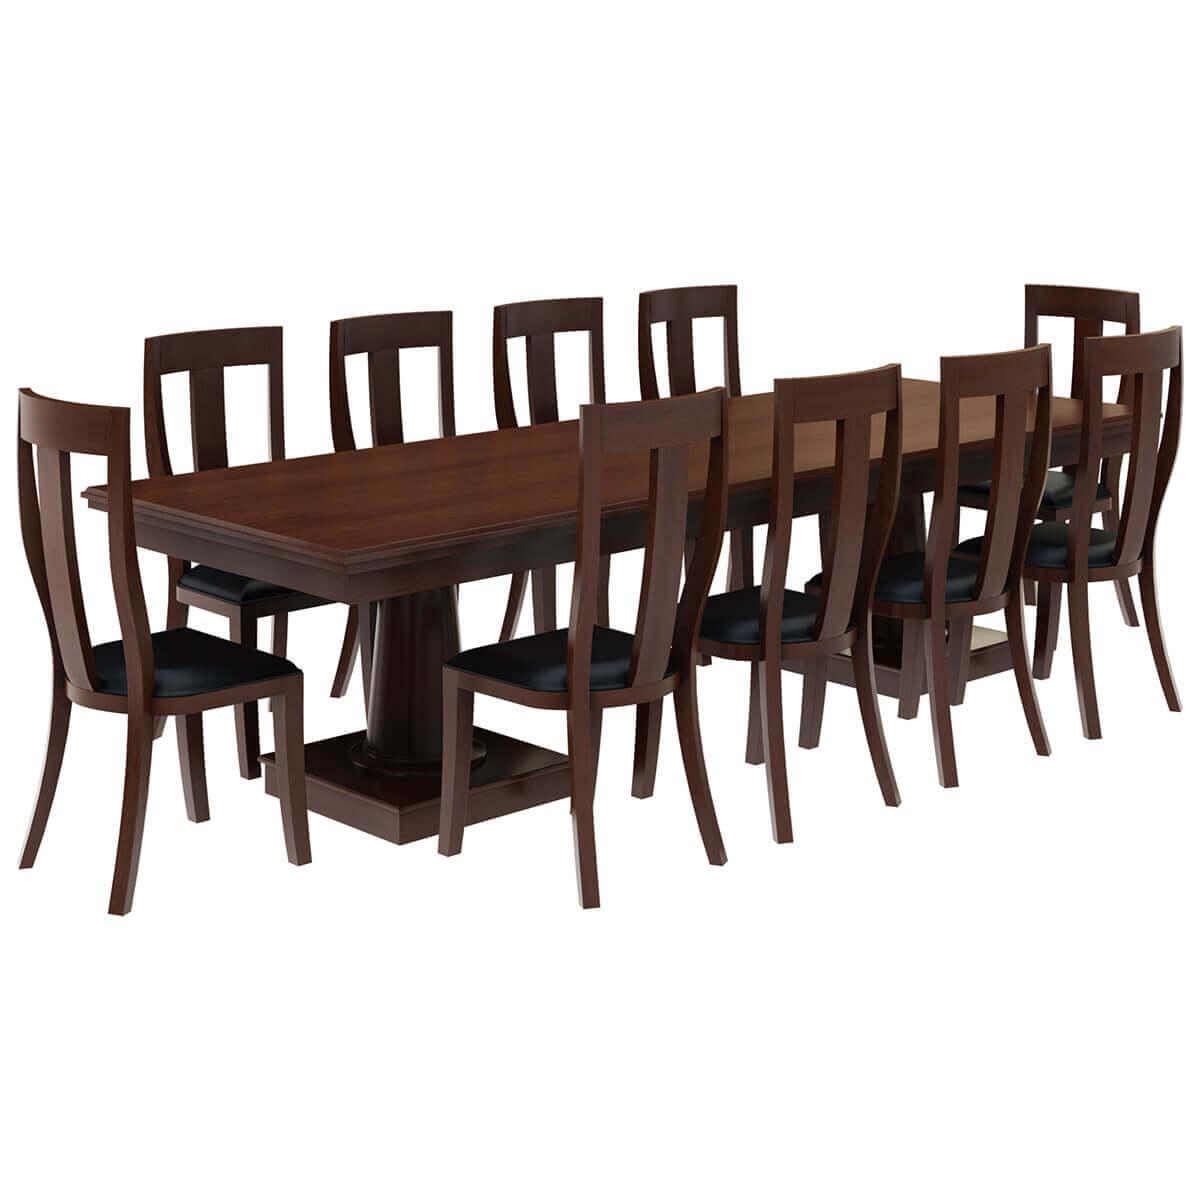 cazenovia solid mahogany wood dining table with 10 chairs set on solid wood dining table id=32845